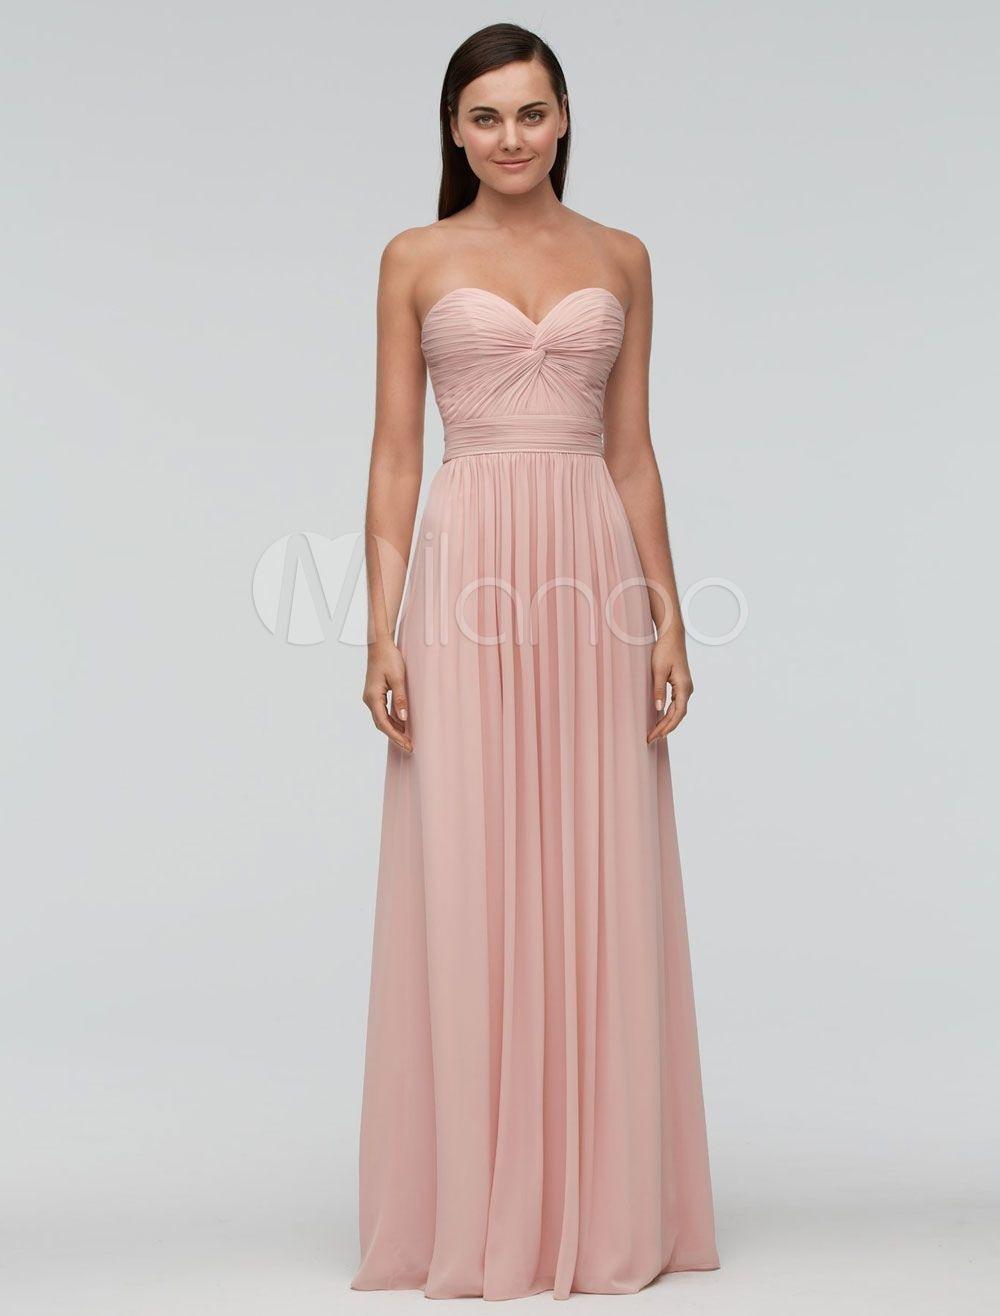 Designer Luxus Rosa Kleid Hochzeitsgast Stylish13 Kreativ Rosa Kleid Hochzeitsgast Spezialgebiet